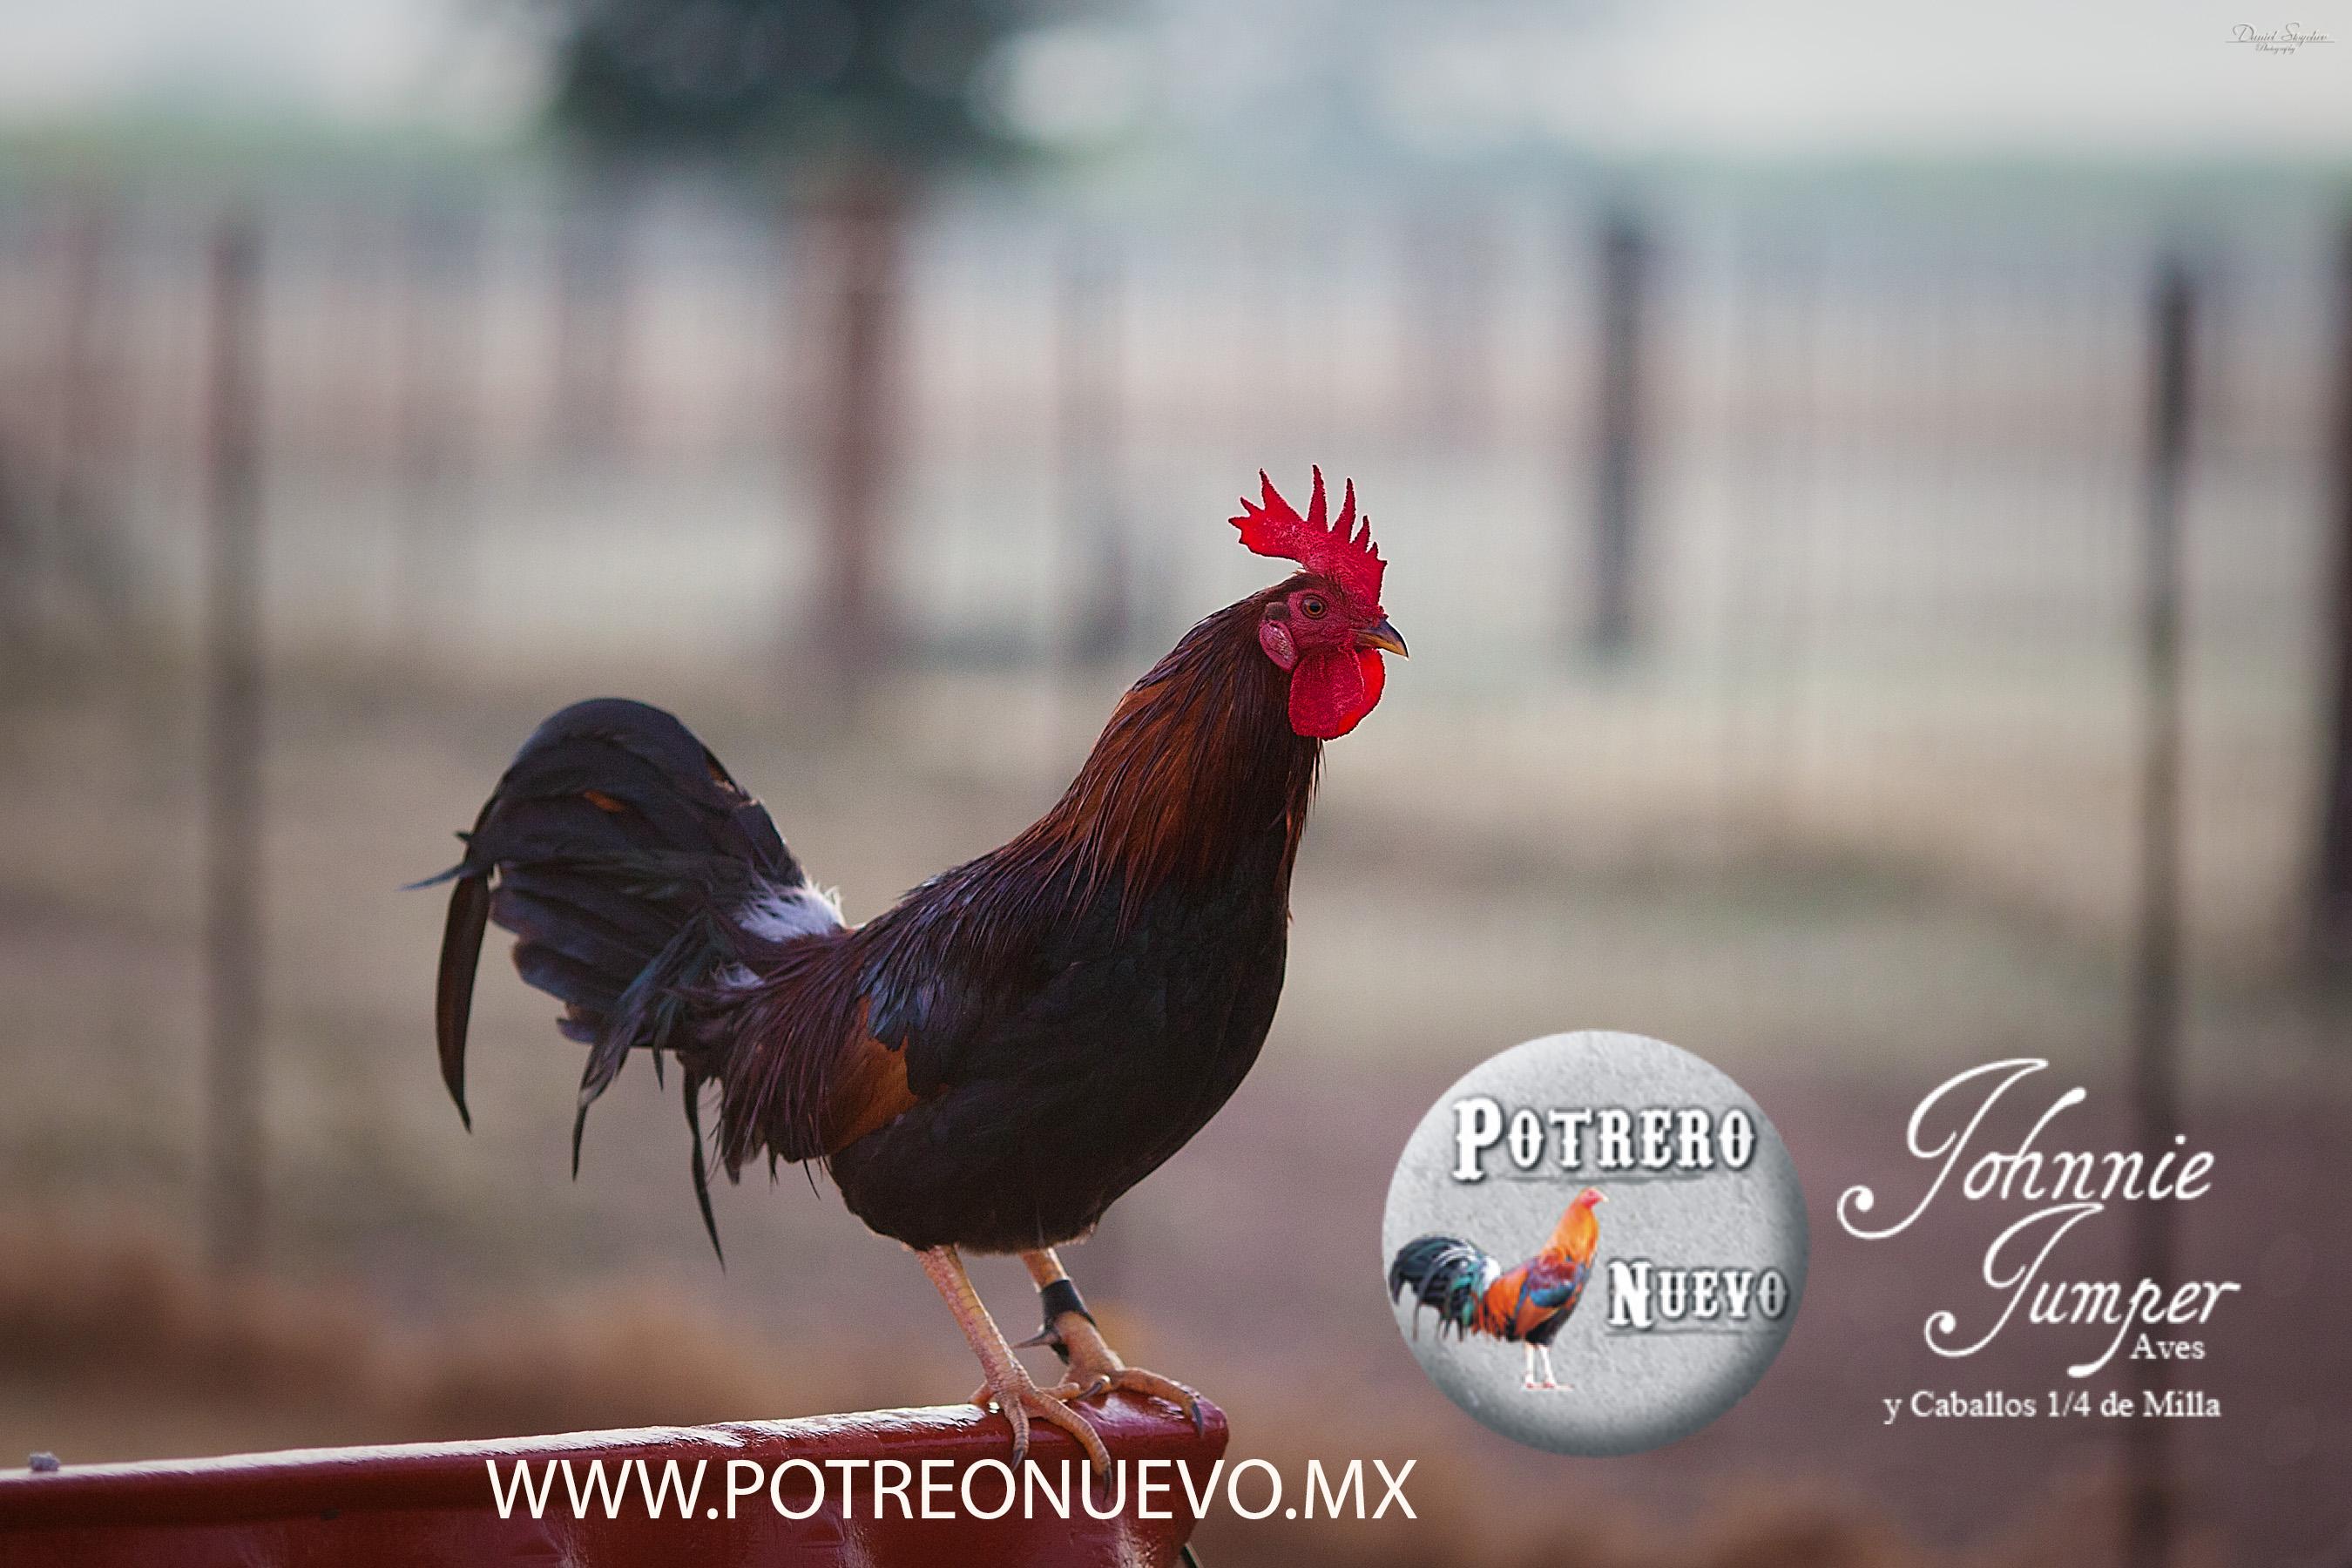 CRIADERO DE GALLOS POTRERO NUEVO1.jpg